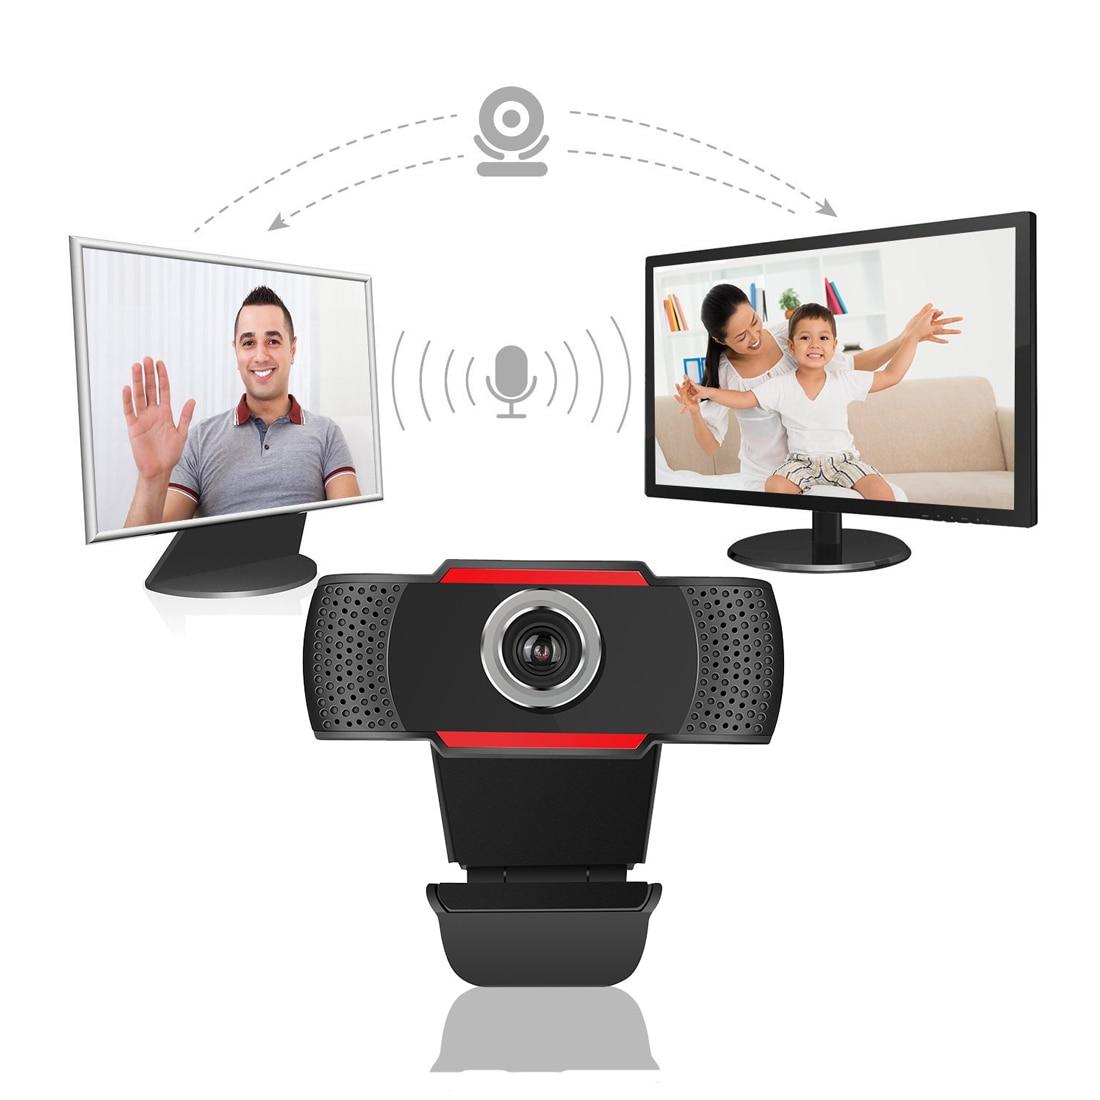 USB Web Cam Webcam HD 300 Mégapixels PC Caméra avec Absorption Microphone MIC pour Skype pour Android TV Rotatif Ordinateur caméra